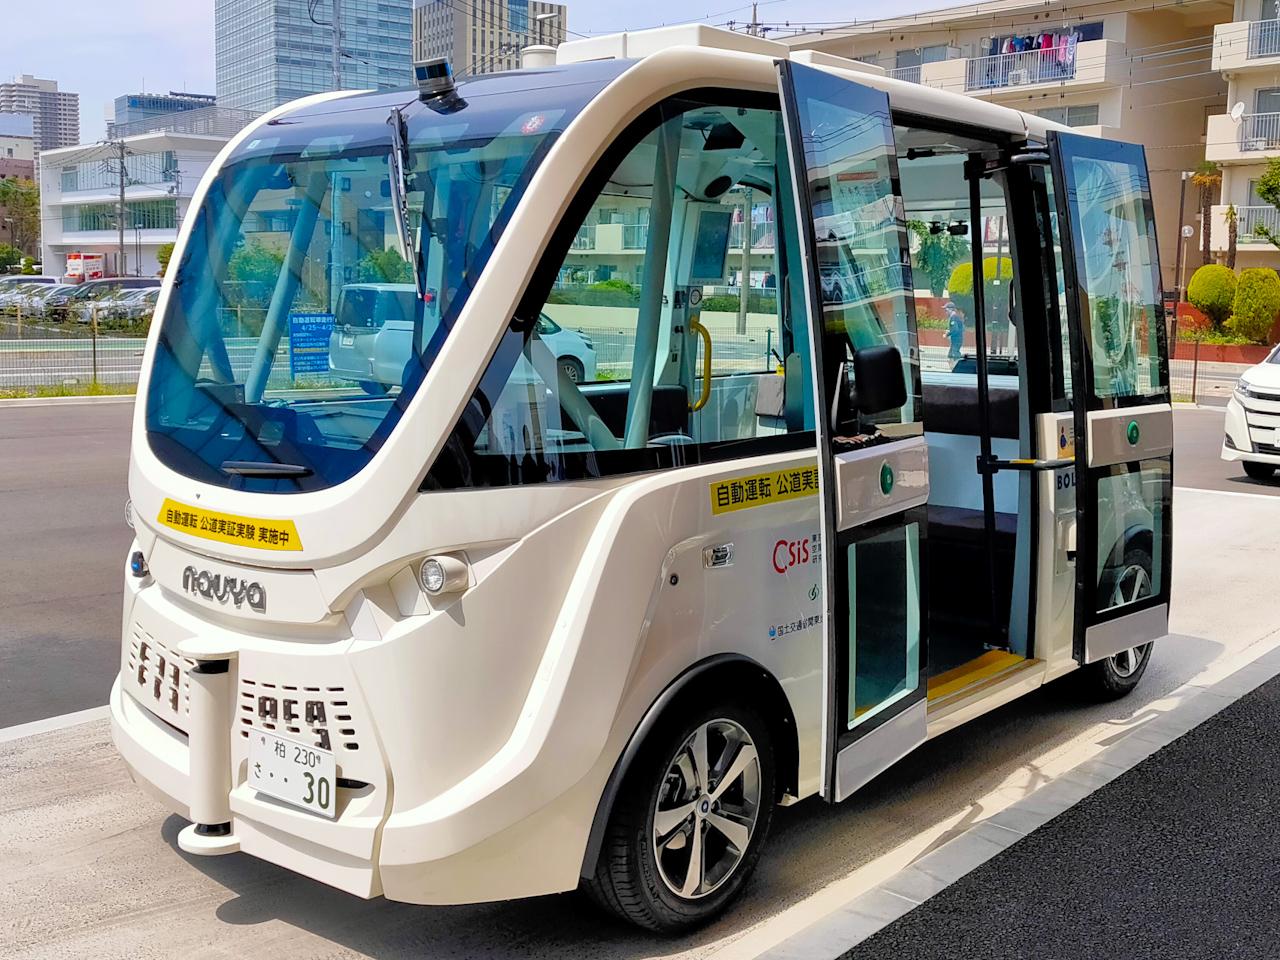 近未来を感じさせる車体。窓が大きく、社内から外の景色も広々と感じられる印象です。